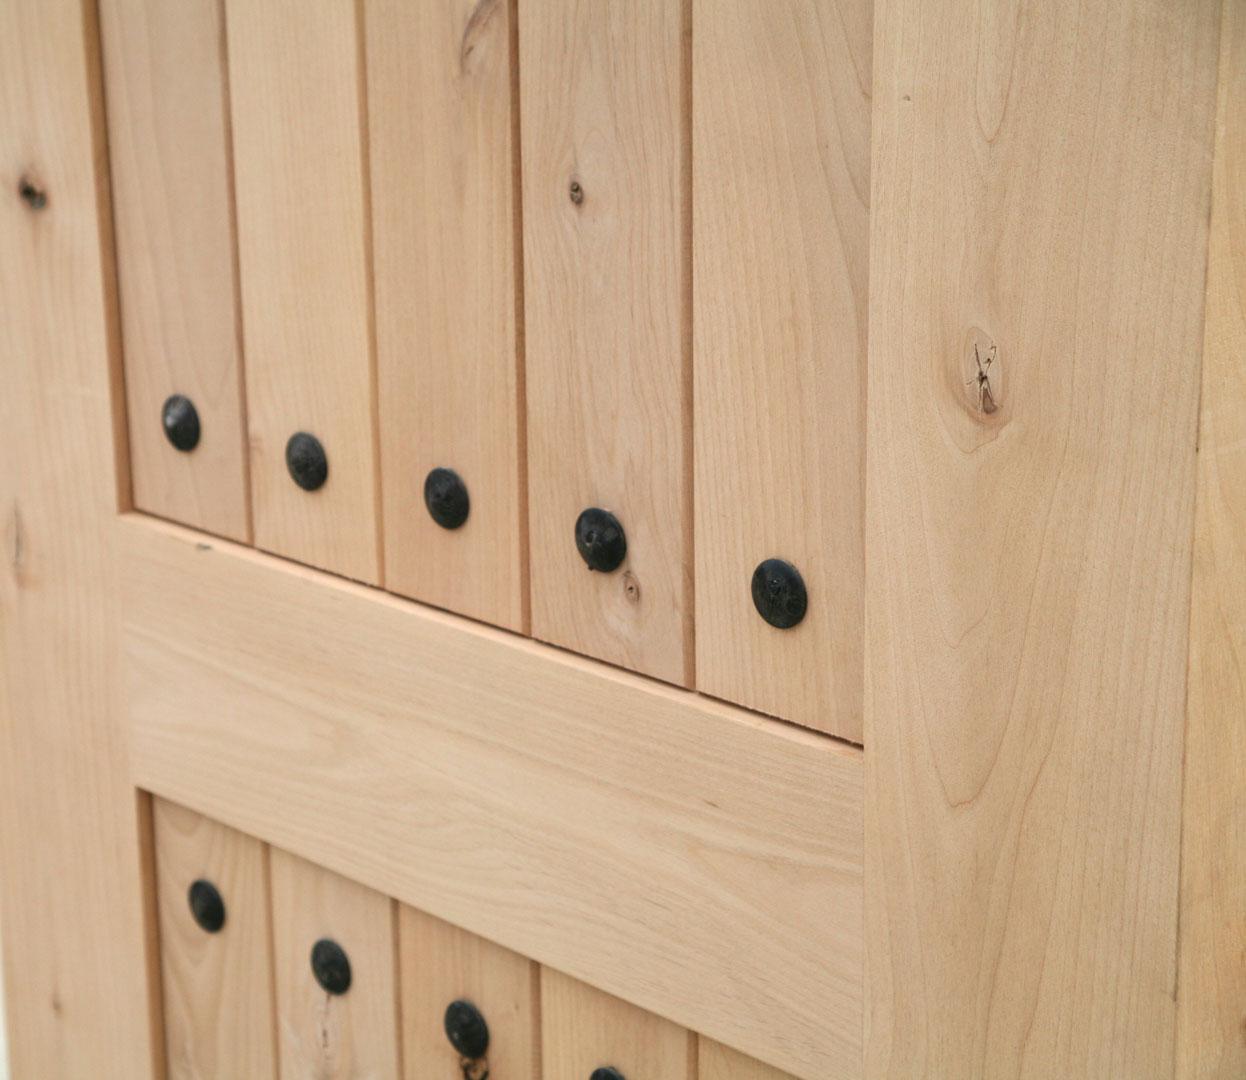 1080 #AA6322 Rustic Doors Closeout Rustic Exterior Wood Door Alder save image Exterior Doors Clearance 38571246